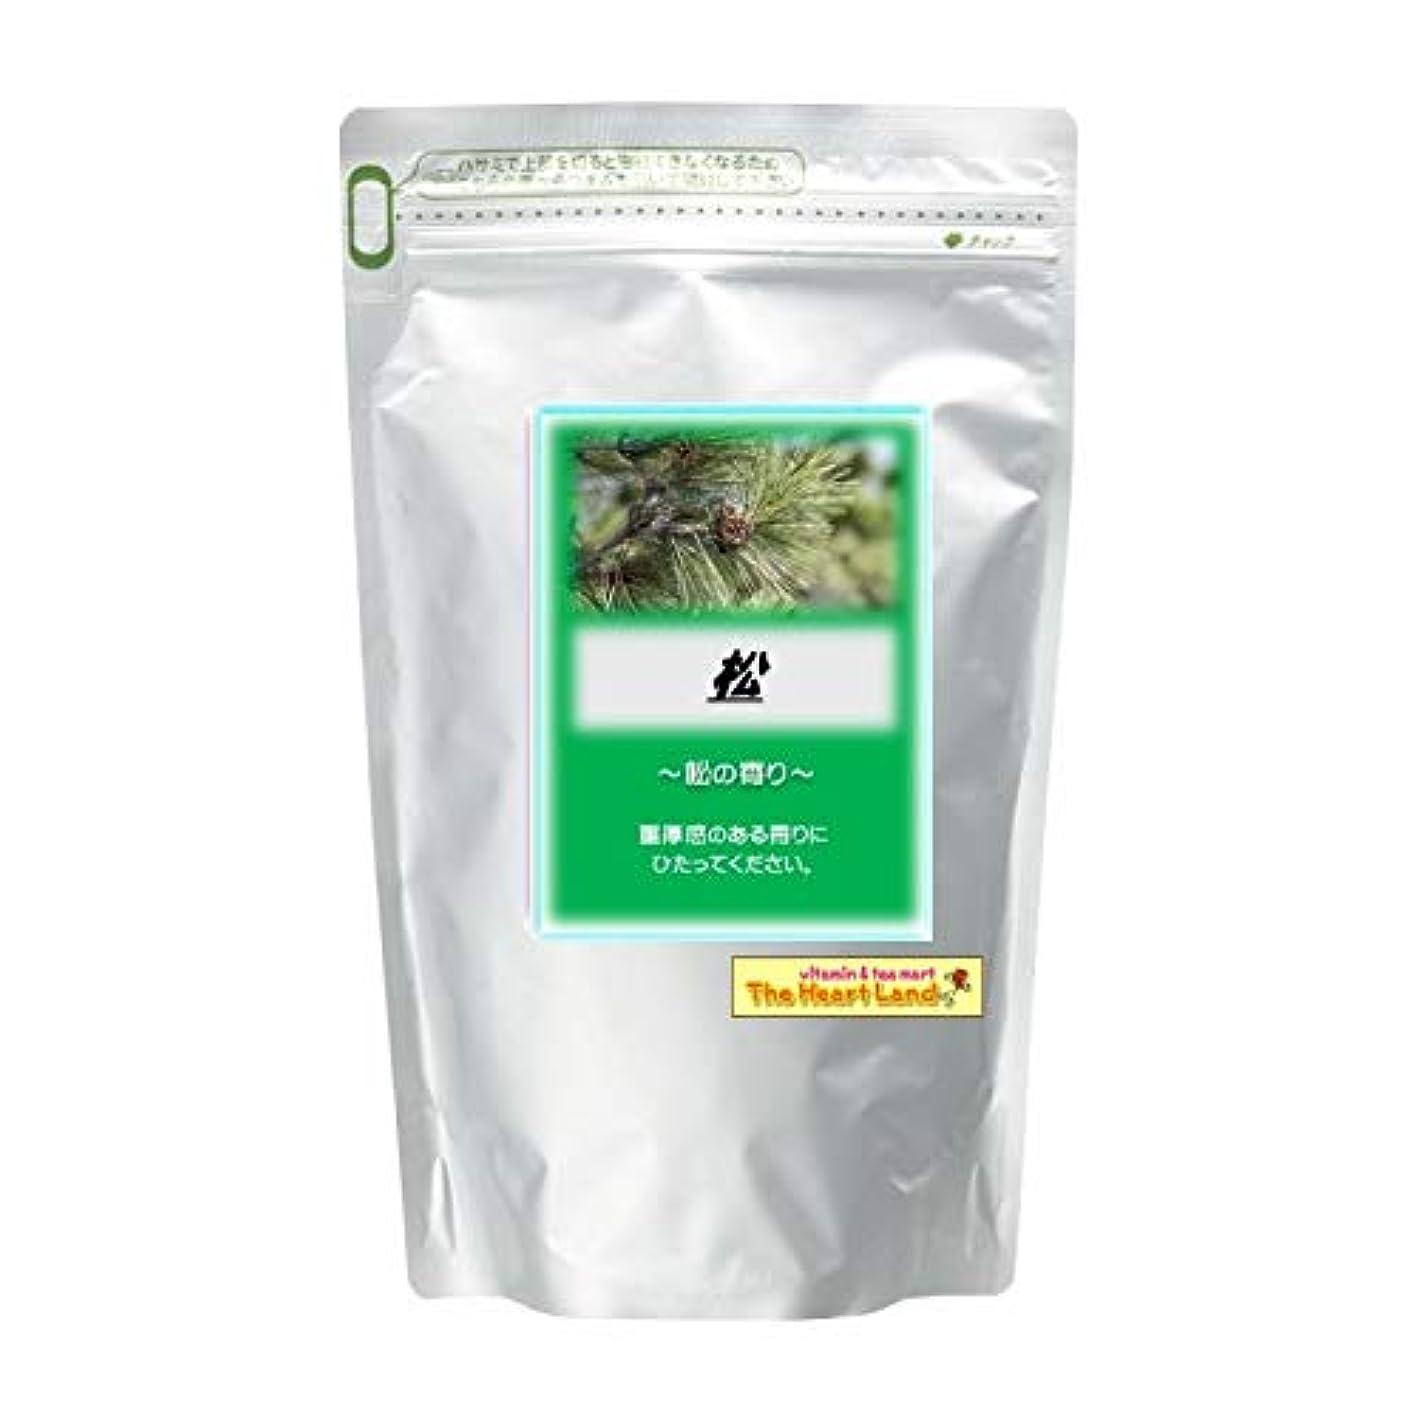 ペレットバタフライマオリアサヒ入浴剤 浴用入浴化粧品 松 300g